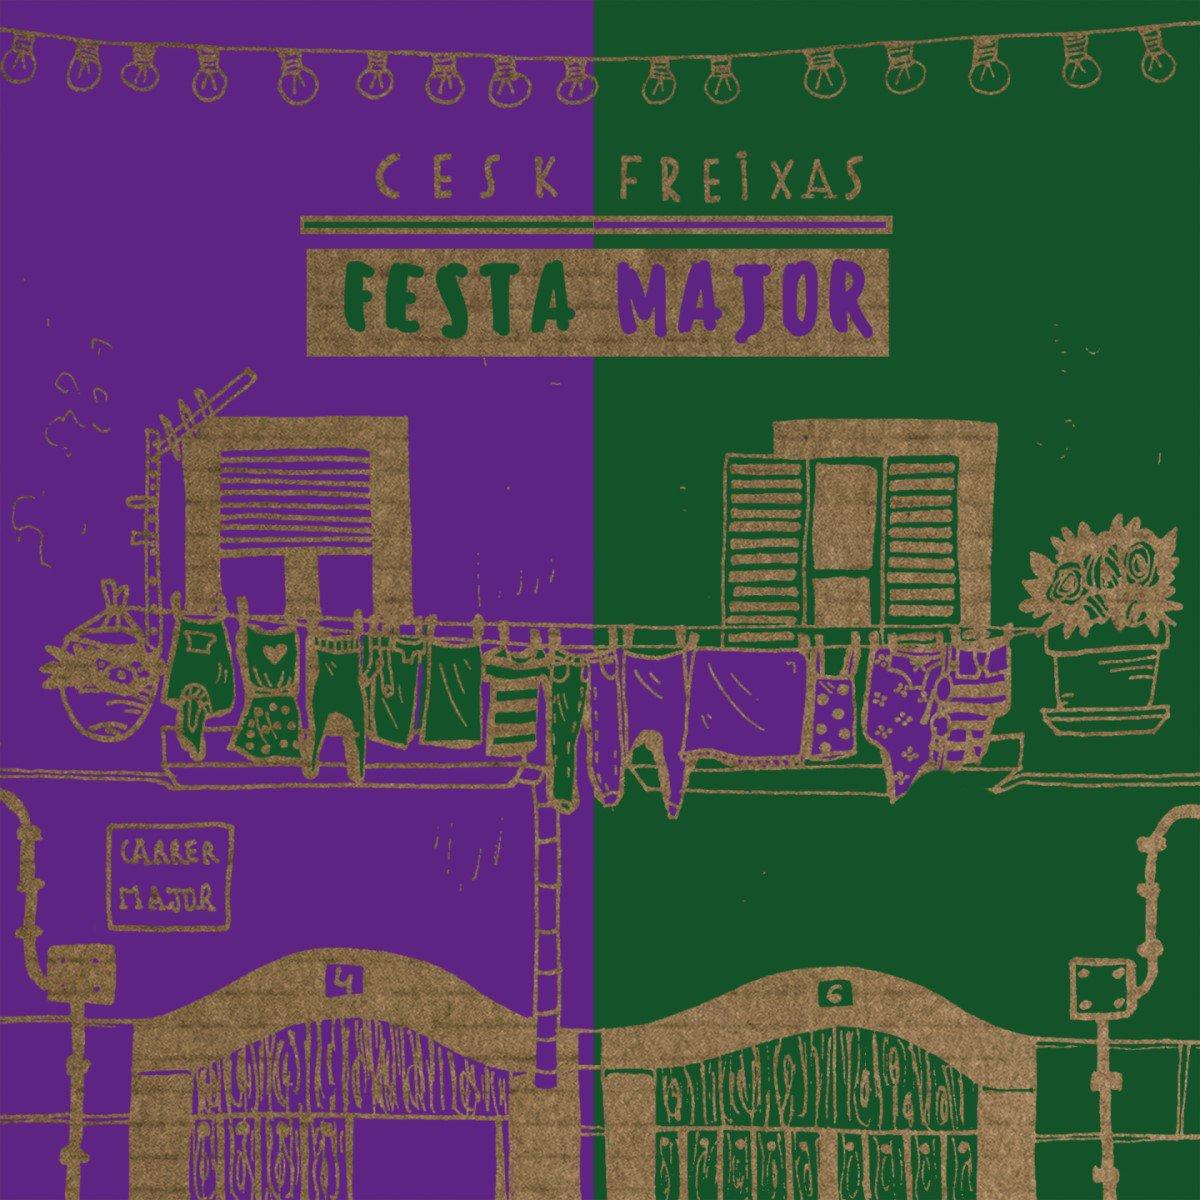 El trabajo de @ceskfreixas #FestaMajor dedica a cada canción un momento de la celebración. Así es uno de ellos, #Cercavila http://ow.ly/scFk50qBuGx